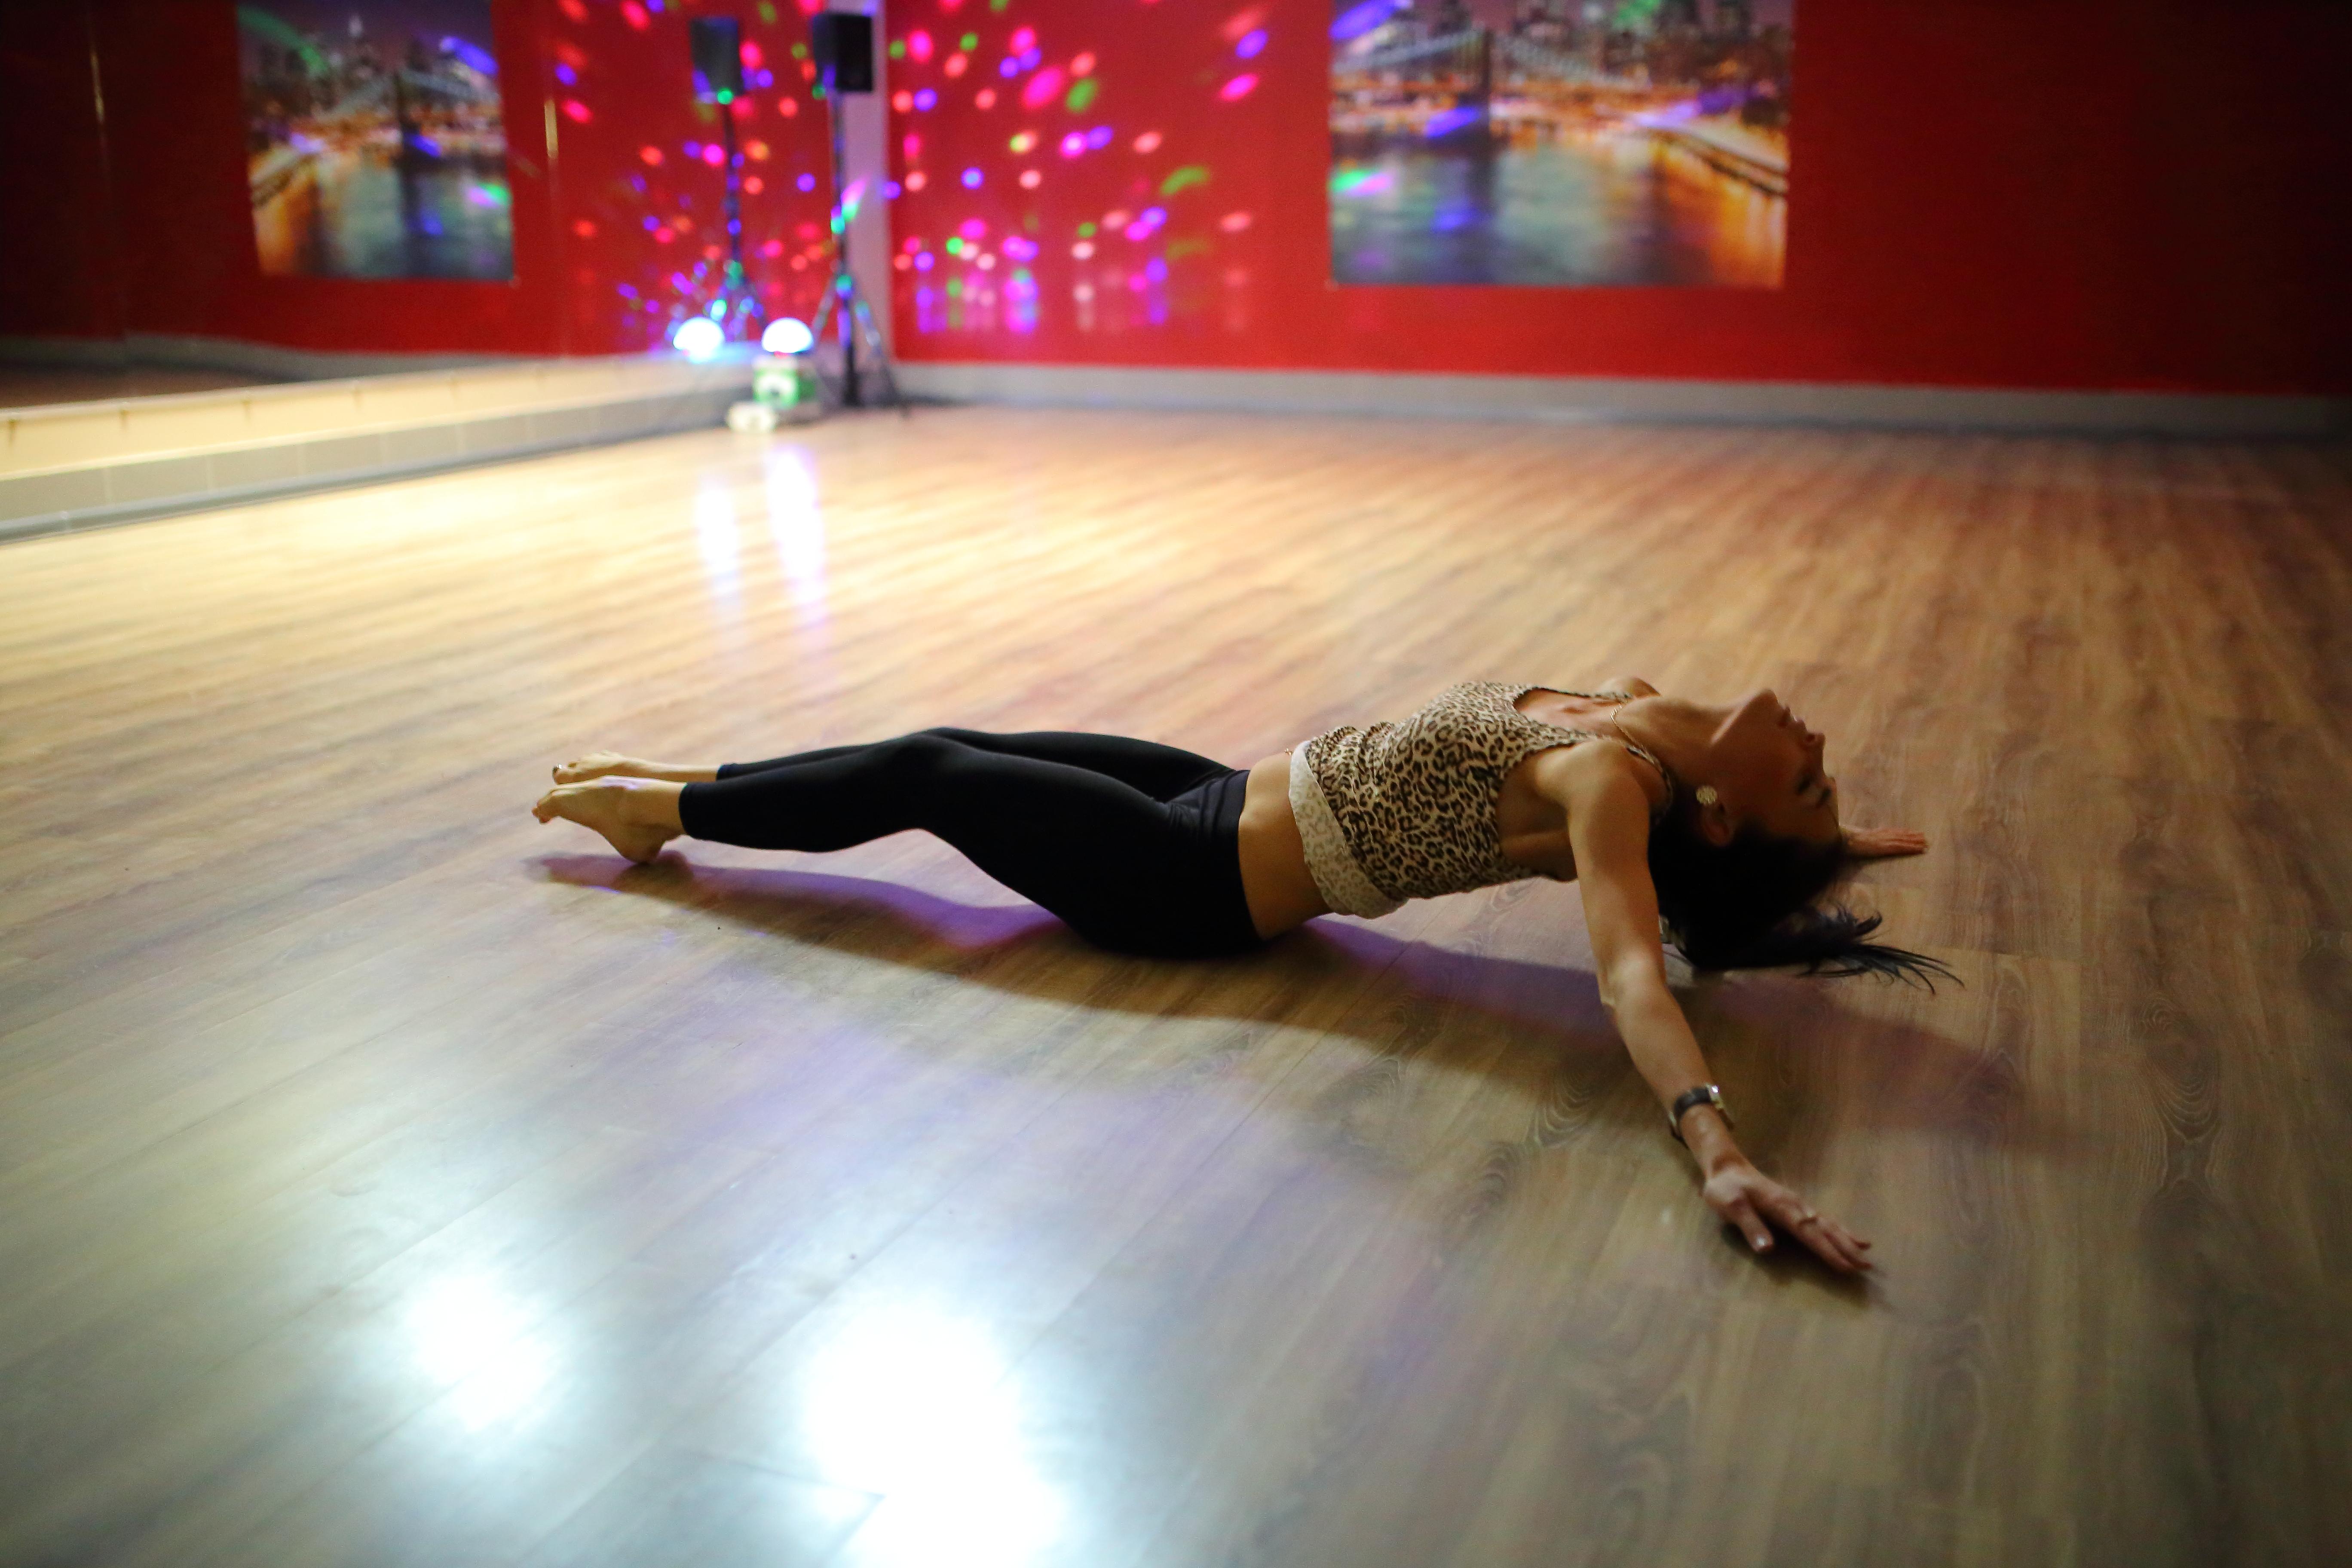 Una chica en el piso bailando - 5472x3648